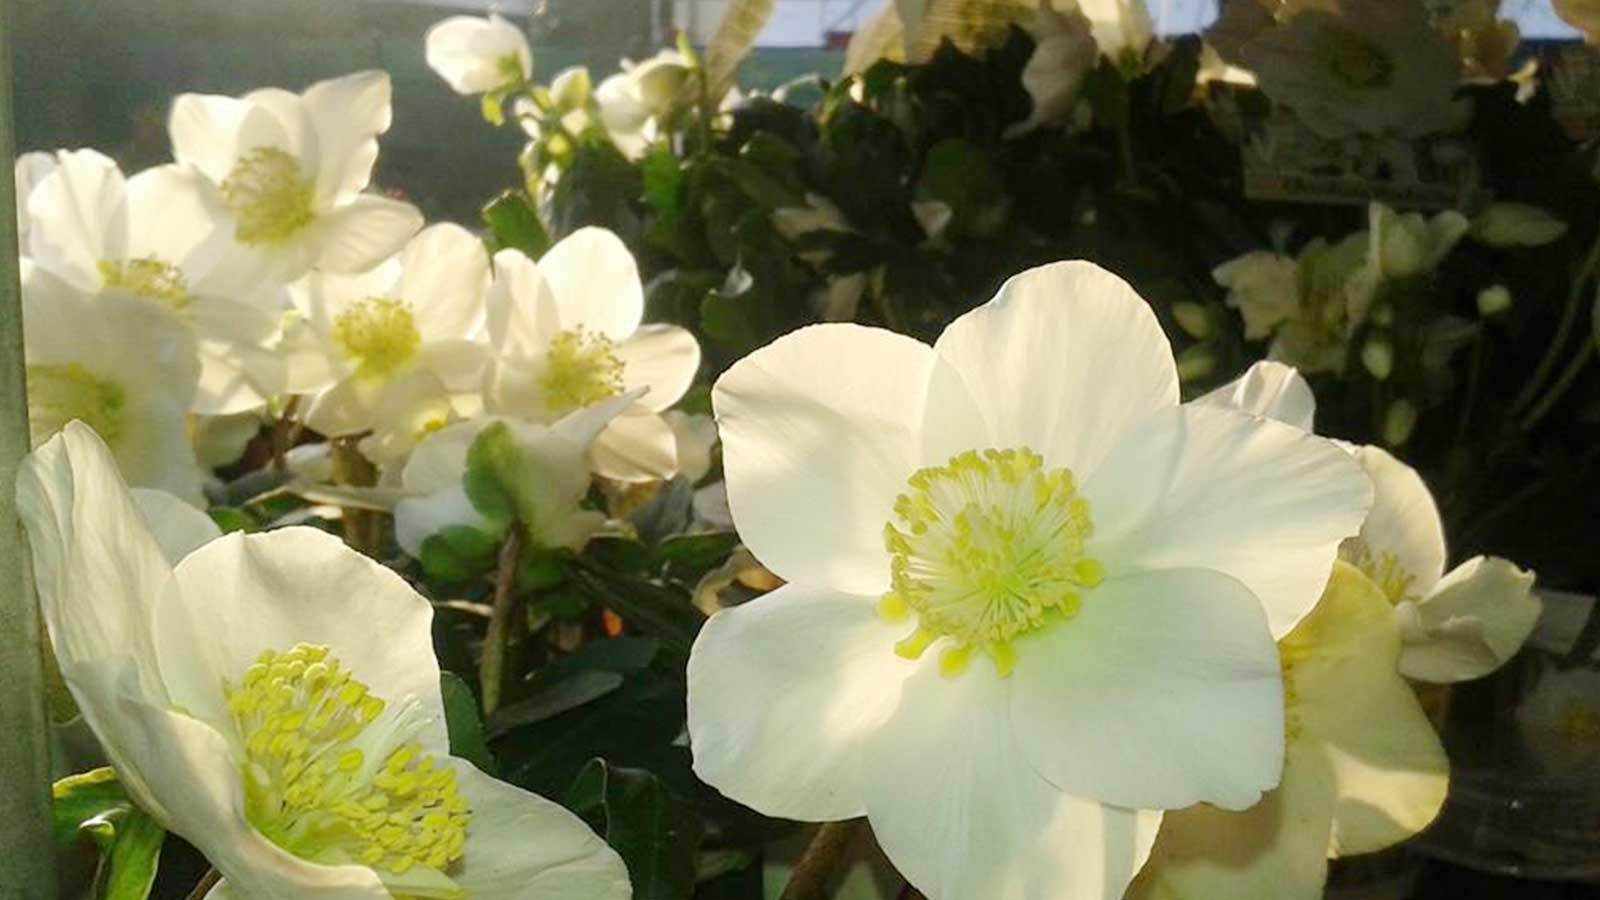 giardinaggio fiori e piante a PADOVA